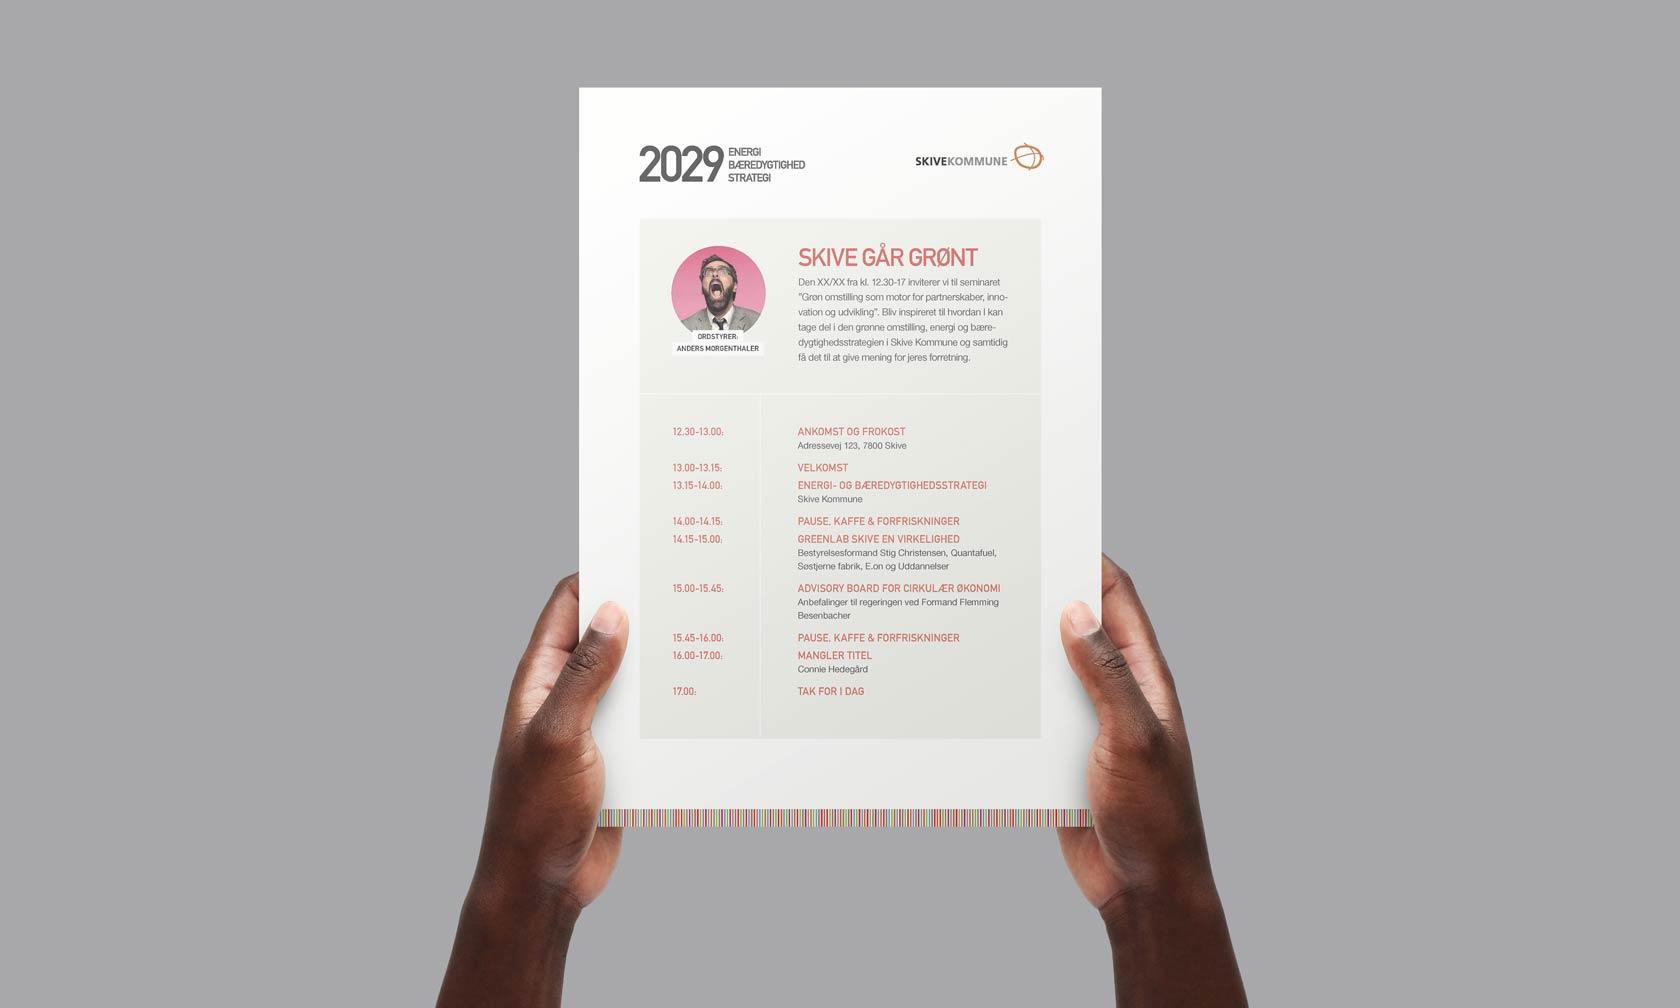 Billede der viser design A4 invitation til Skive Kommunes energistrategi 2022